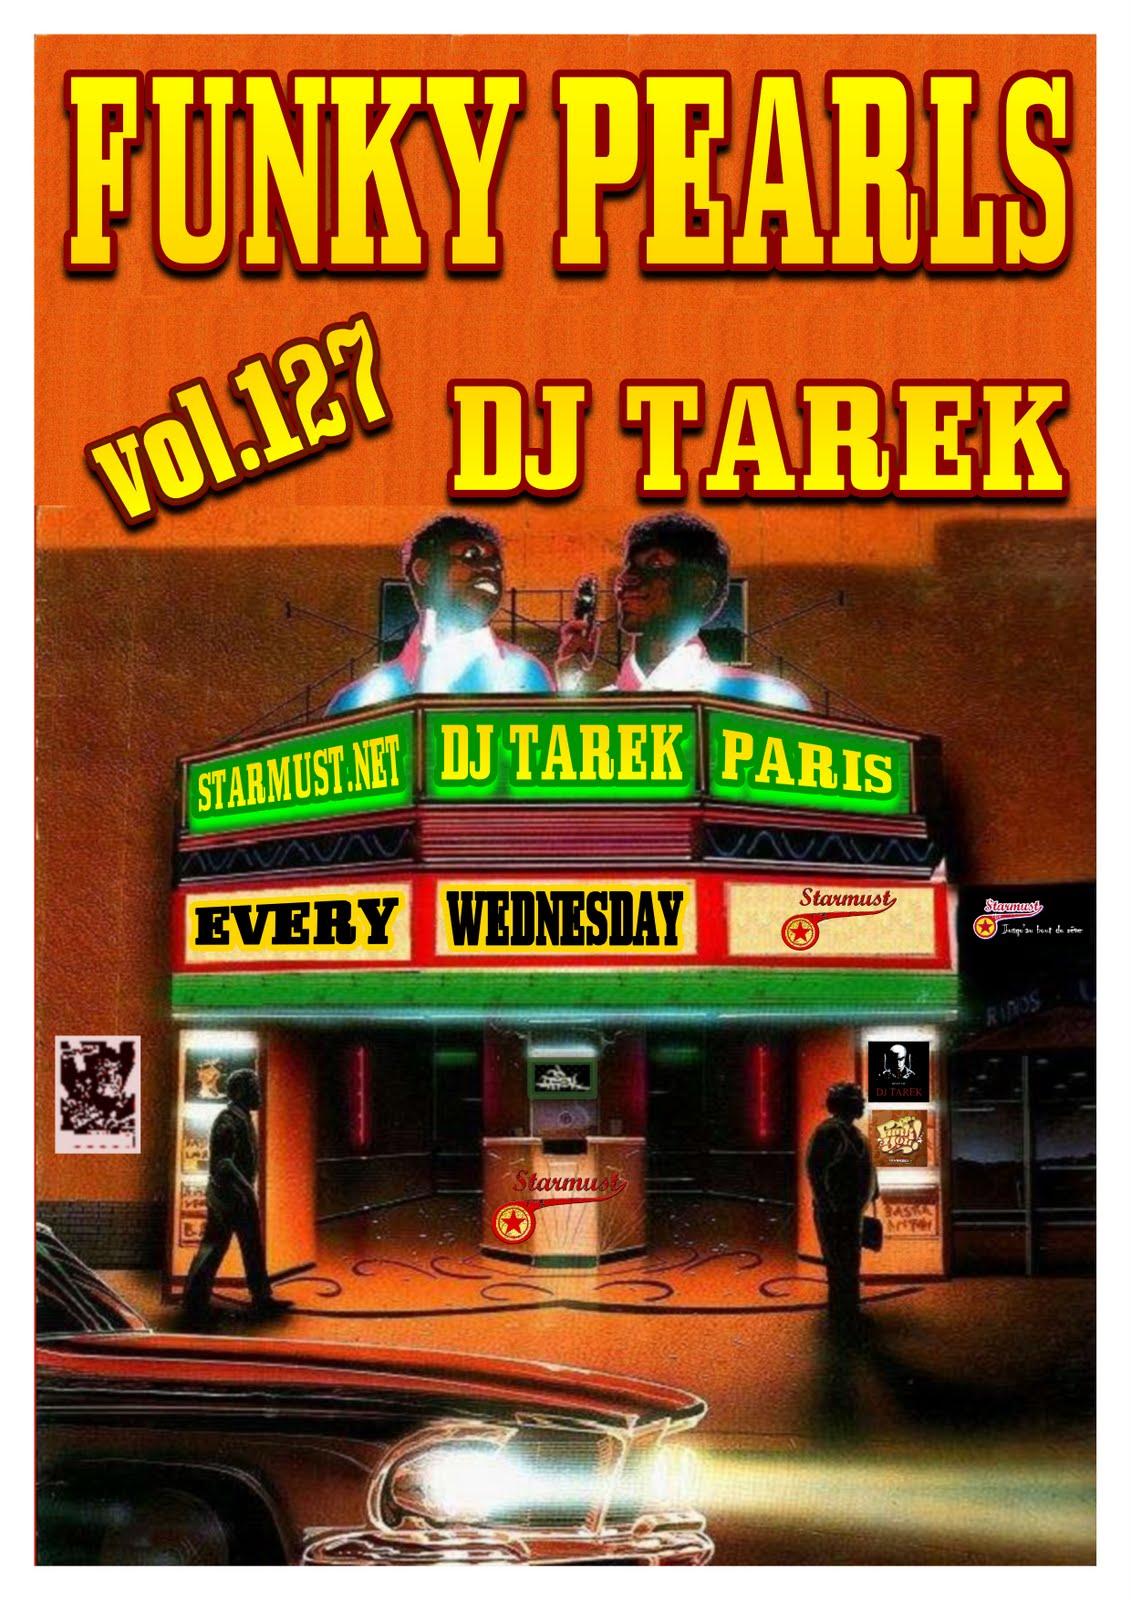 FUNKY PEARLS VOL 127 BY DJ TAREK FROM PARIS FUNKY_PEARLS_VOL_127_BY_DJ_TAREK_FROM_PARIS